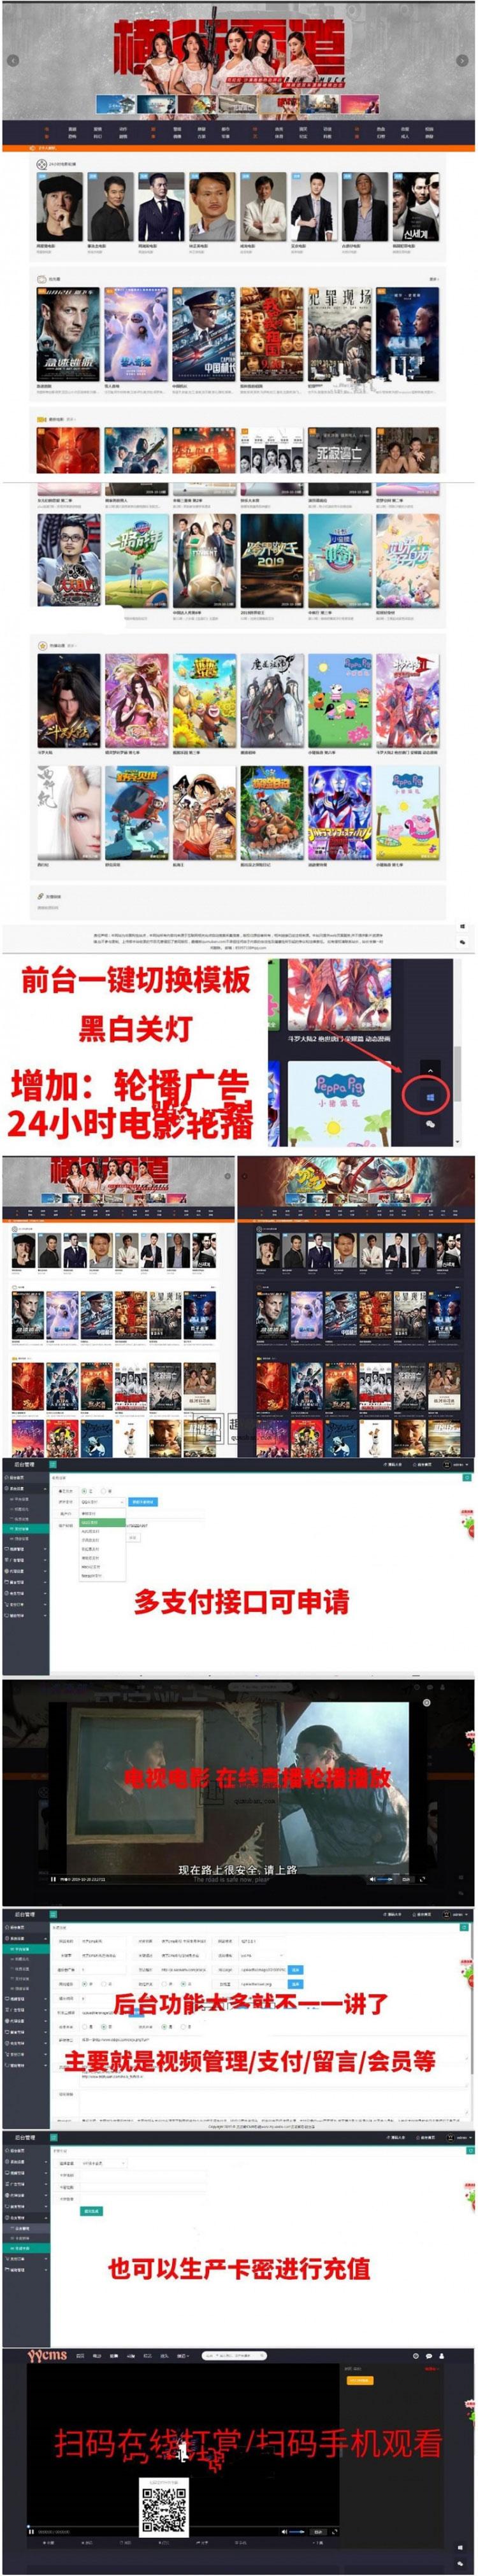 PHP影视源码带直播视频打赏电影引流赚钱